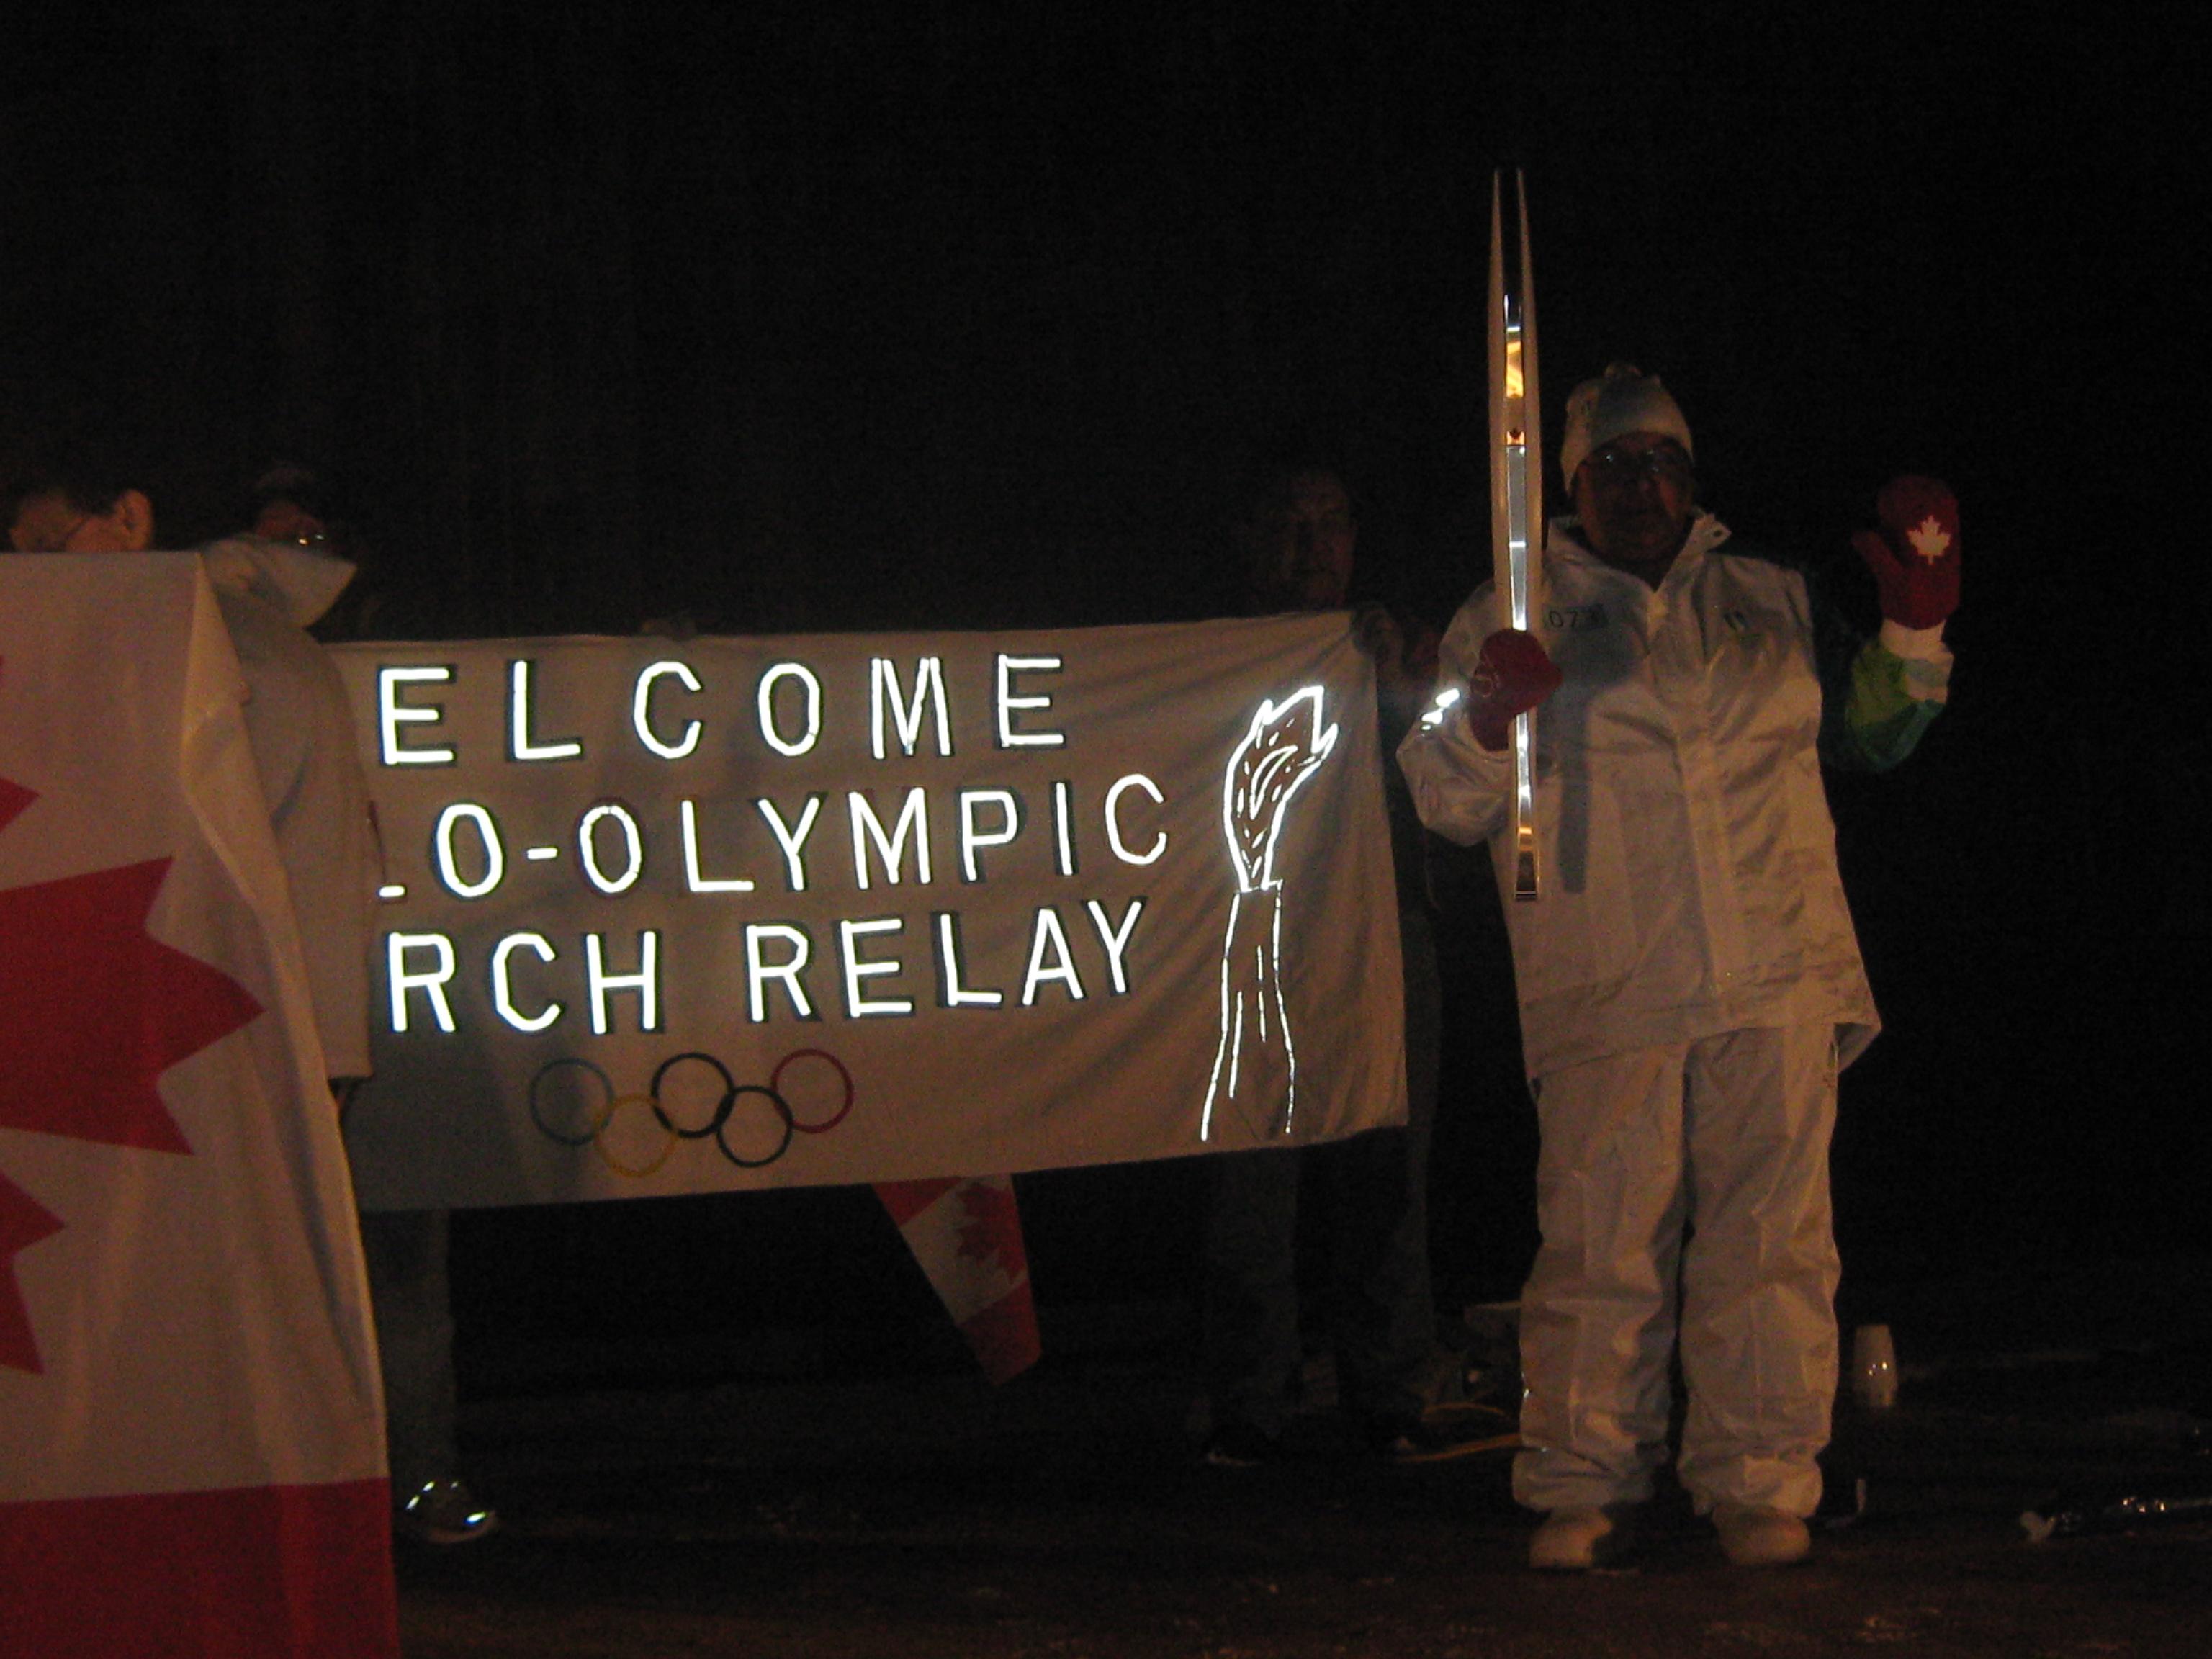 OlympicTorchRelayCelebrationJan30,2010_0